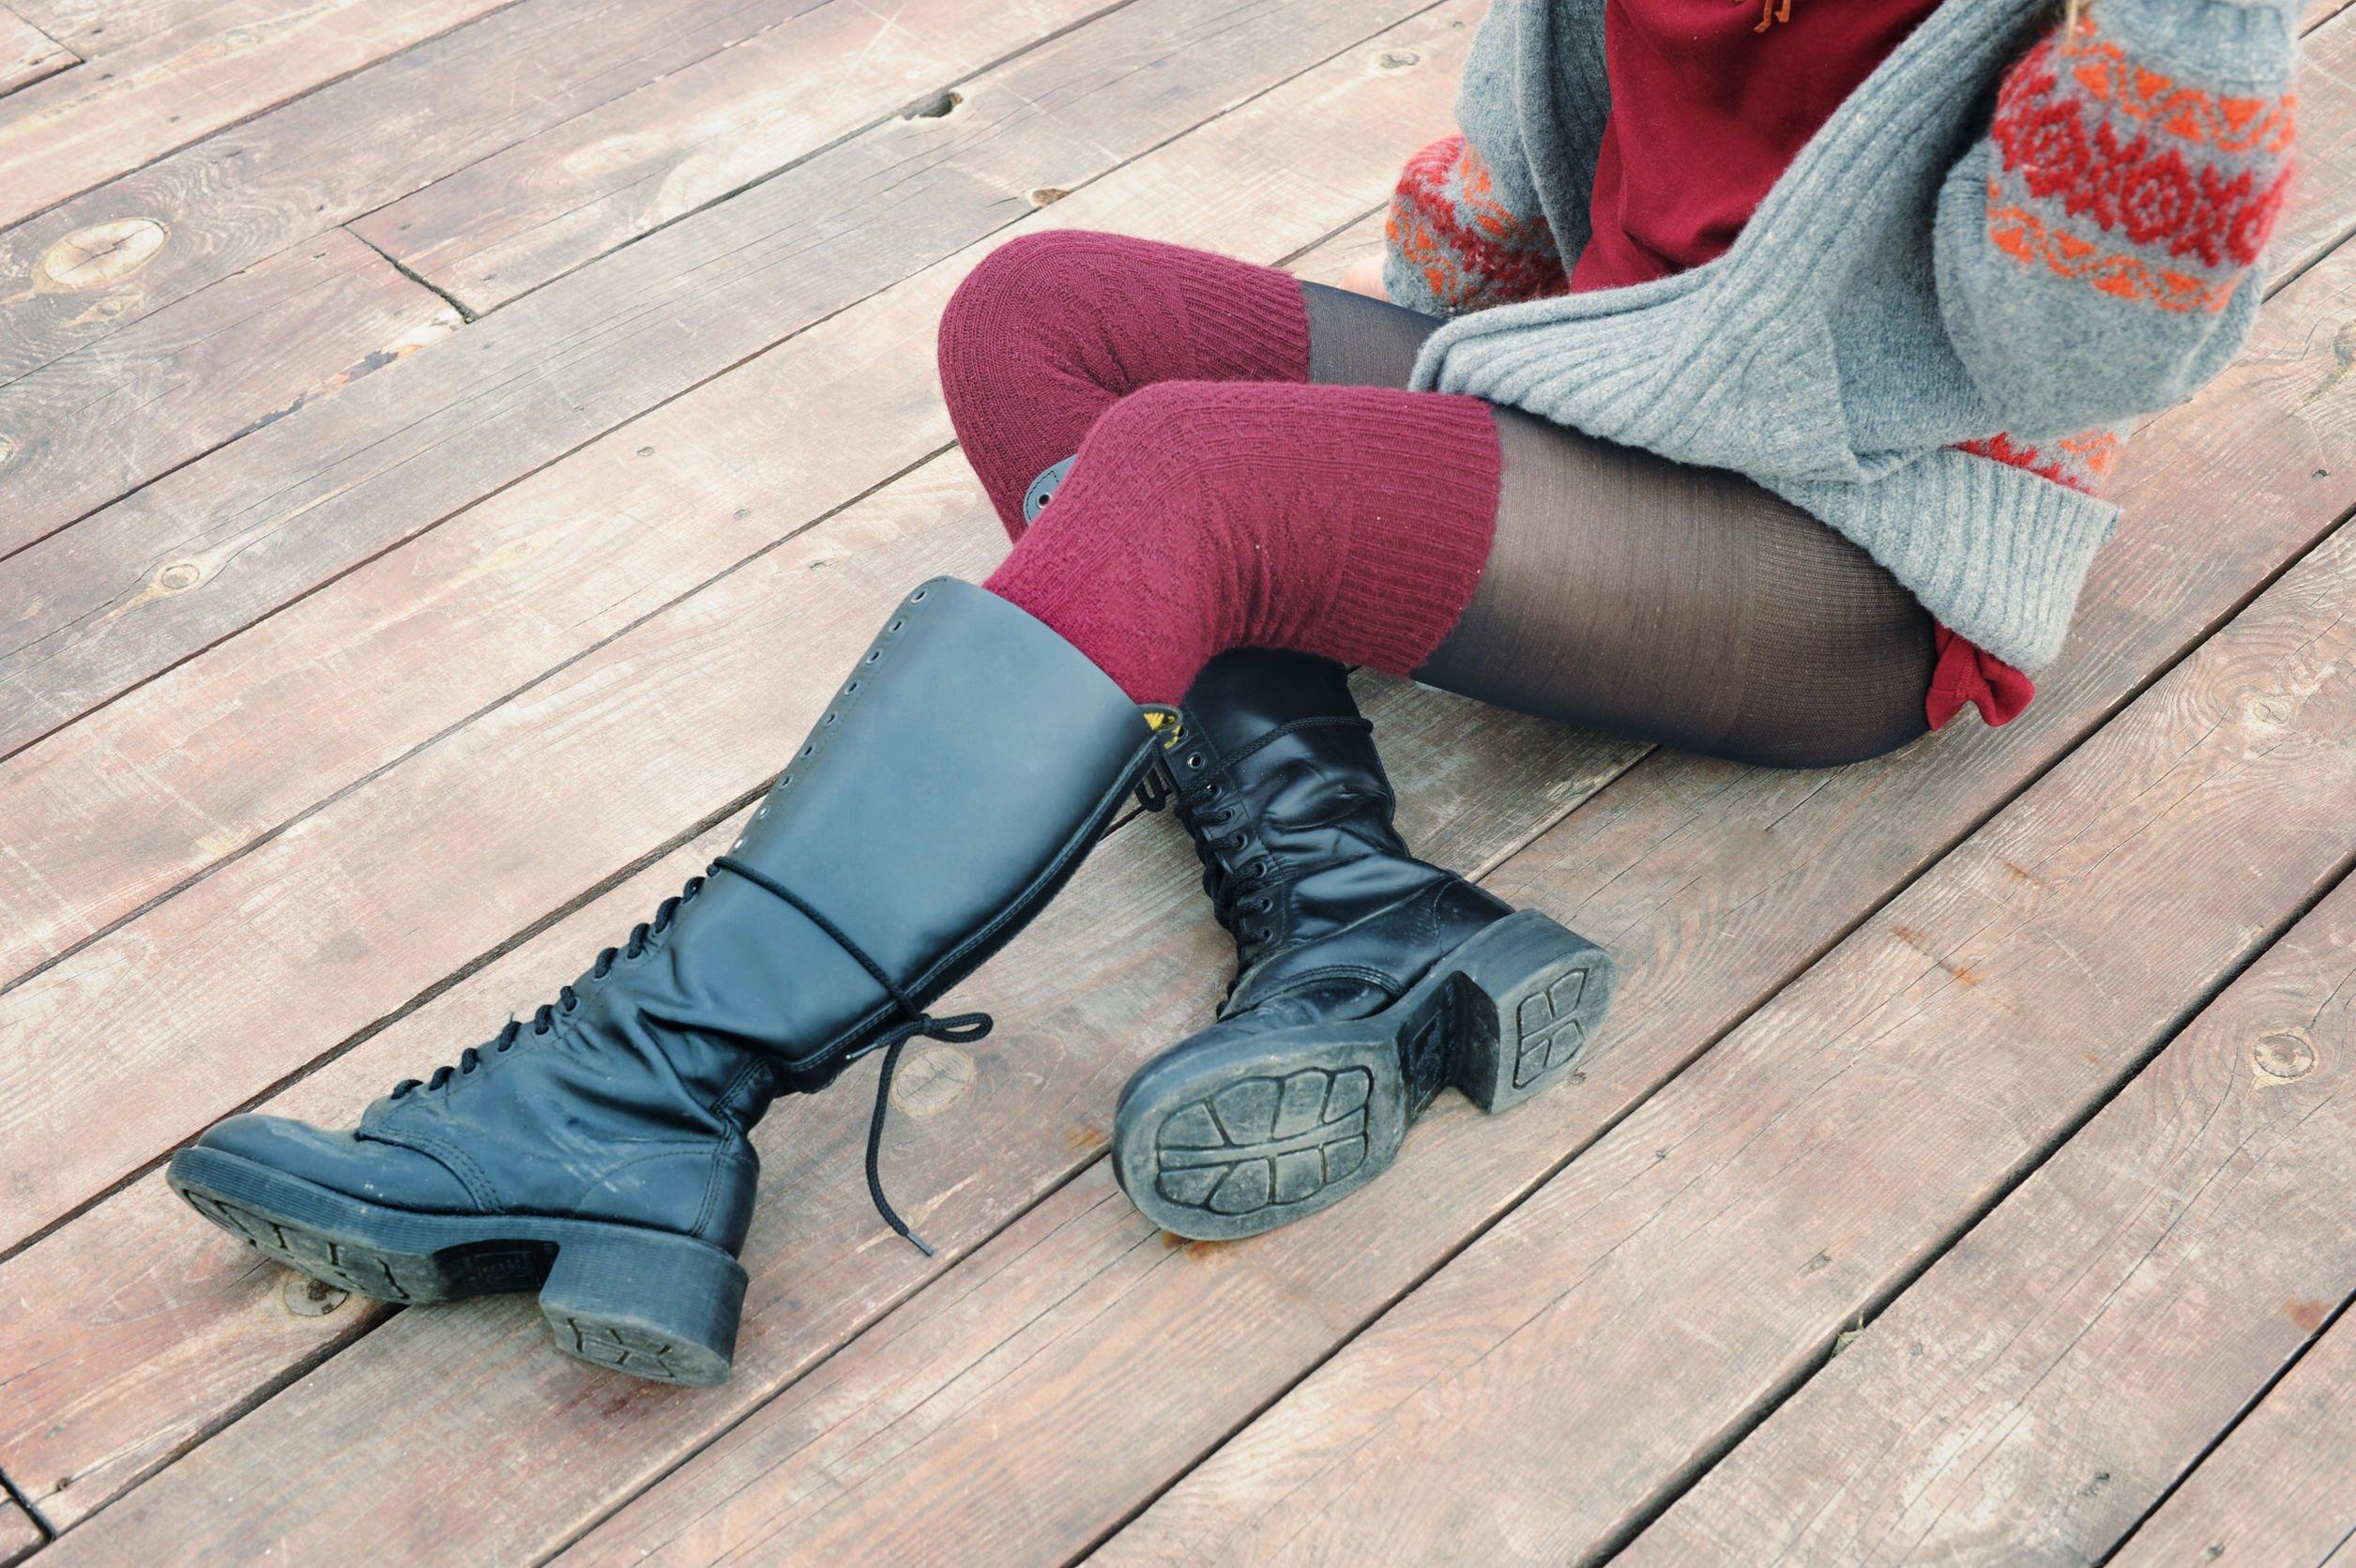 Mulher sentada no chão usando botas e meias longas